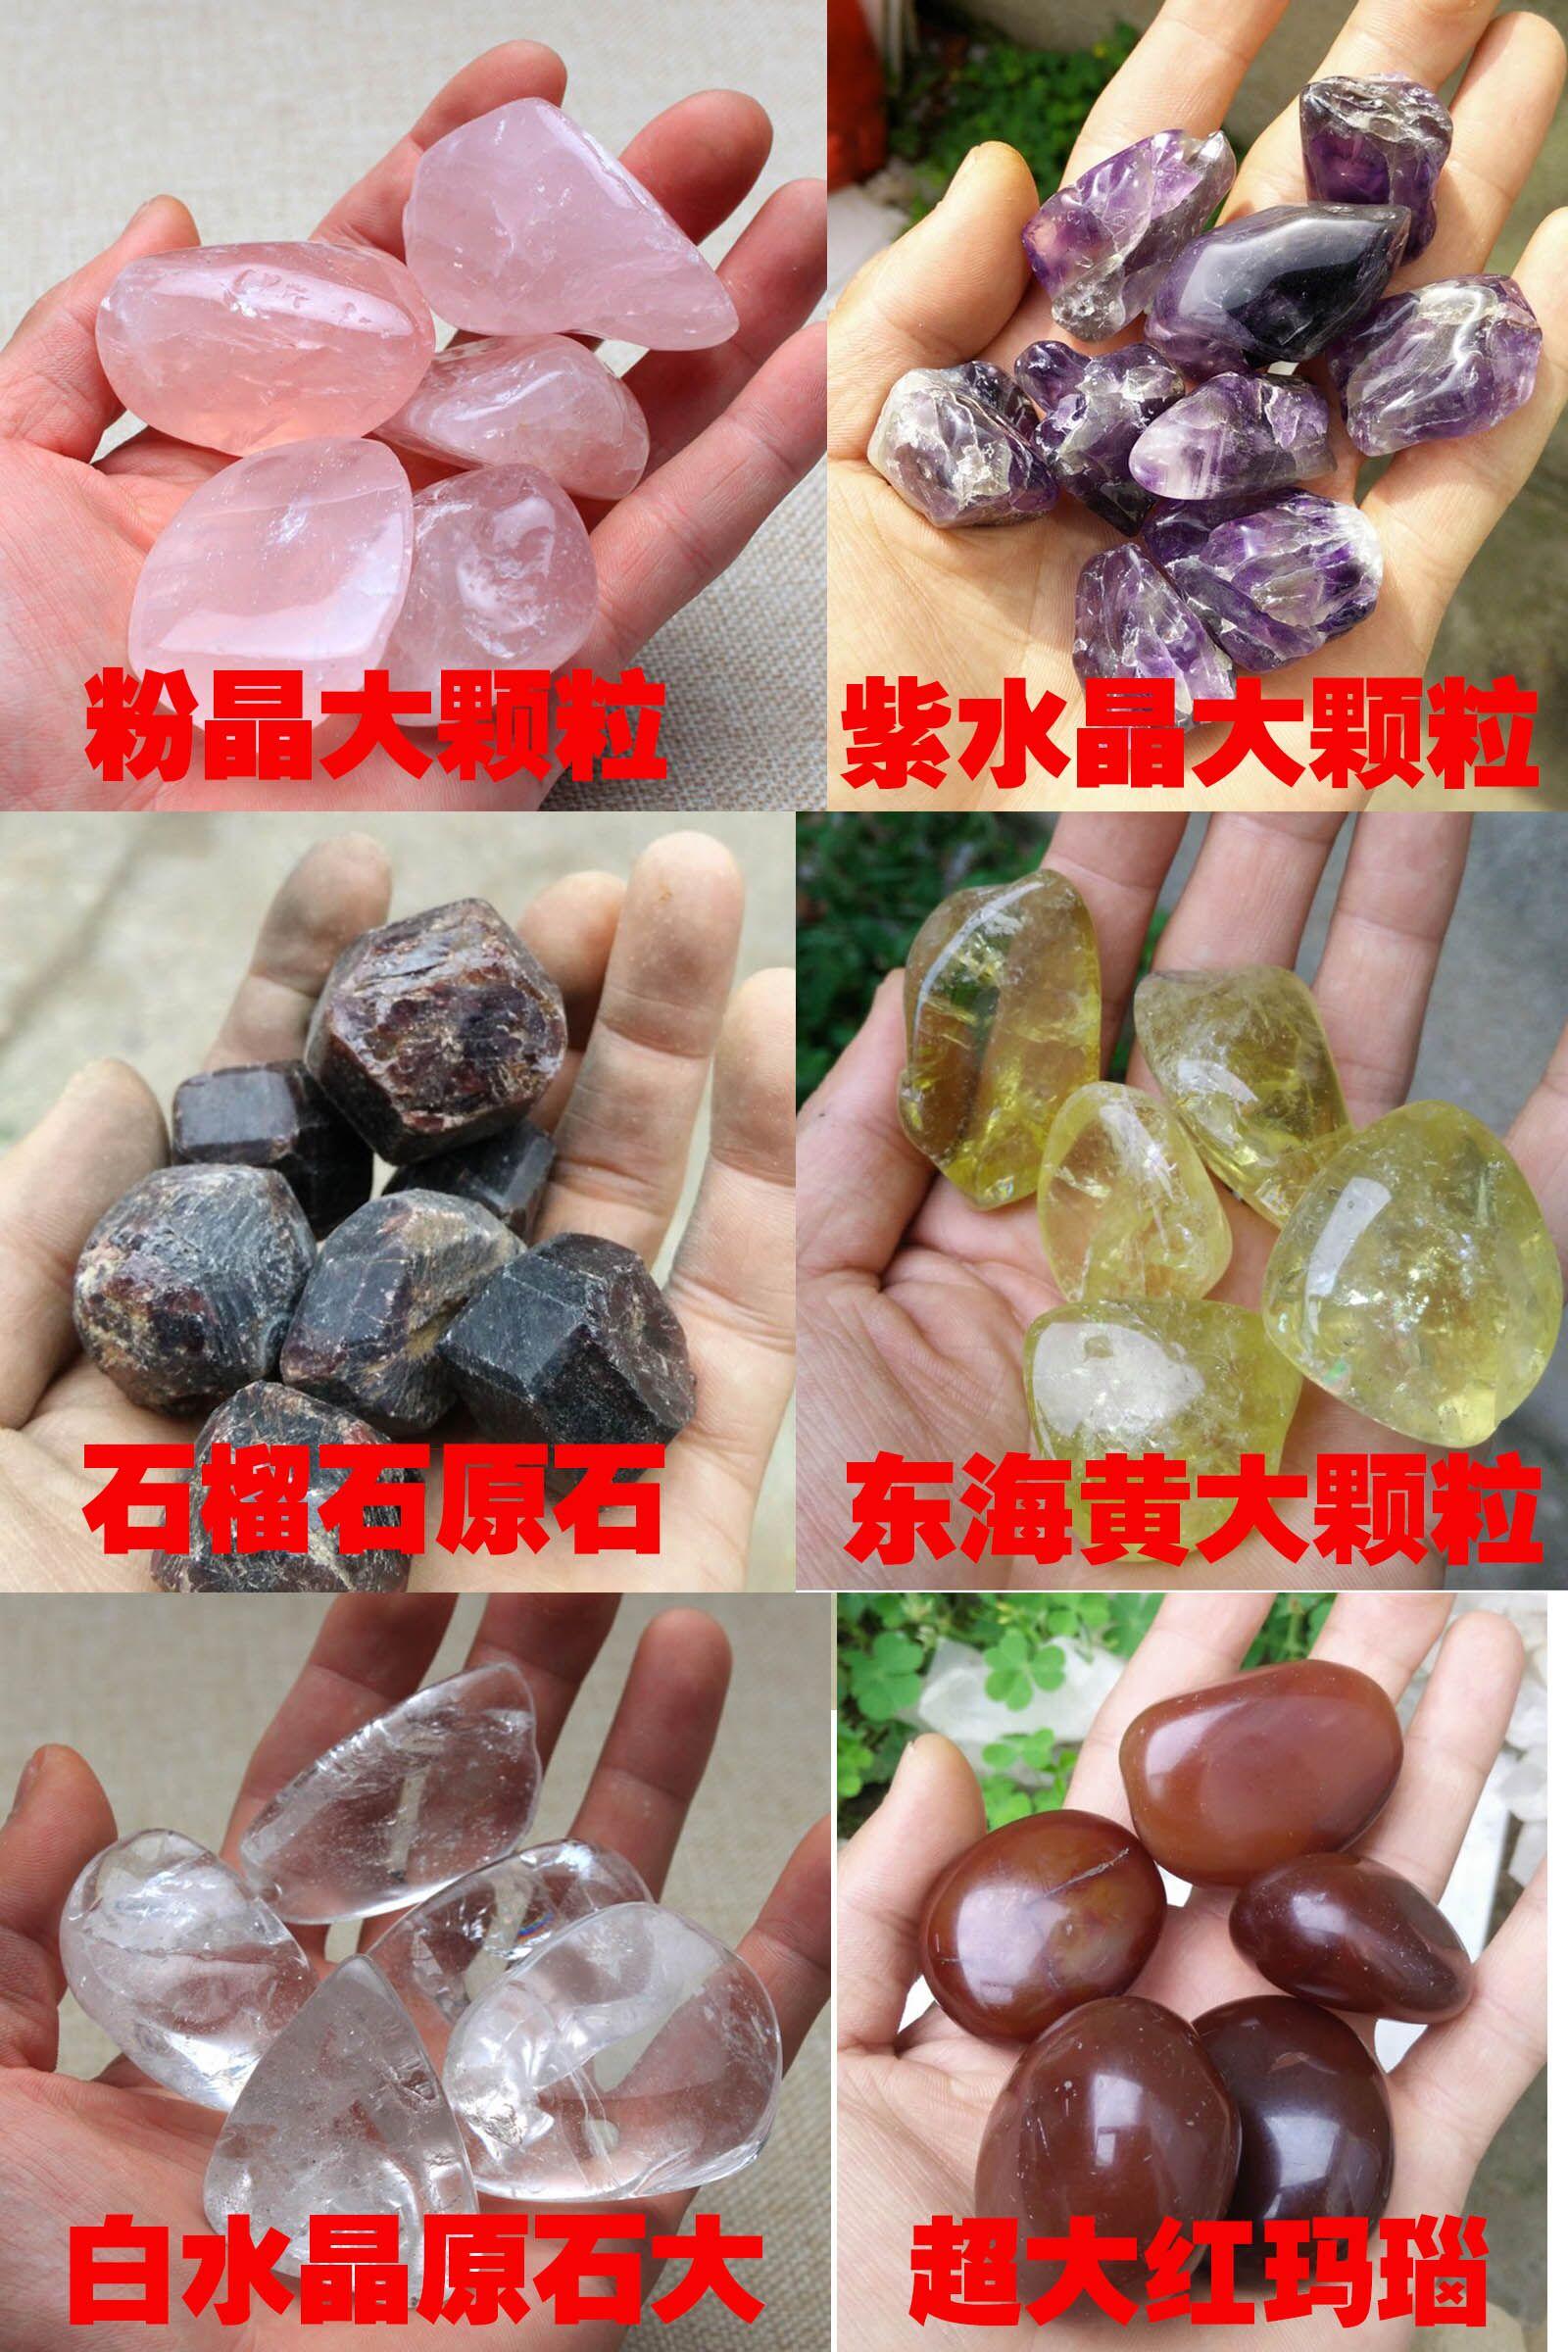 天然粉水晶碎石摆件白水晶原石消磁净化水晶石鱼缸装饰彩石头